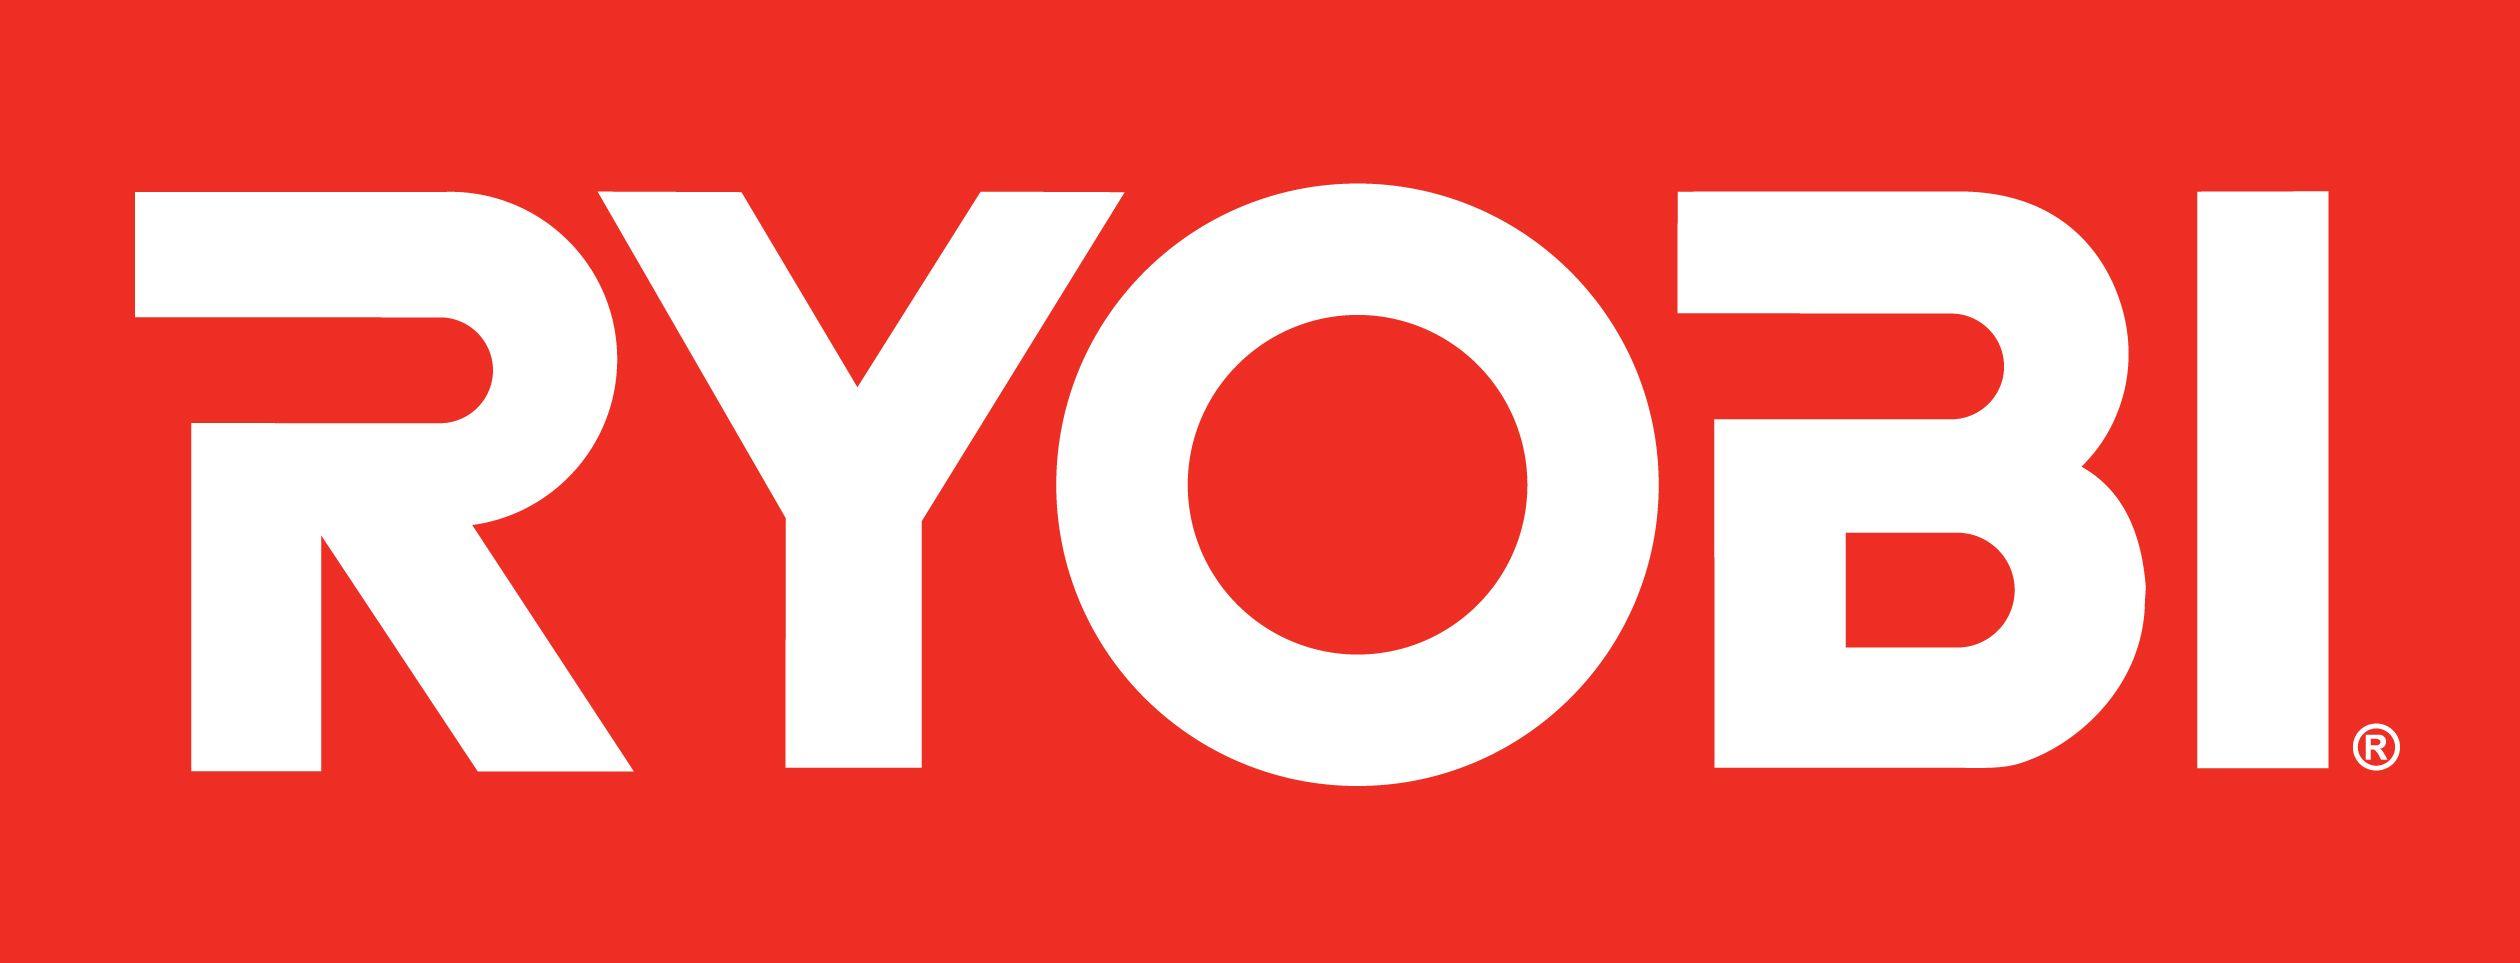 logo ryobi_1.jpg